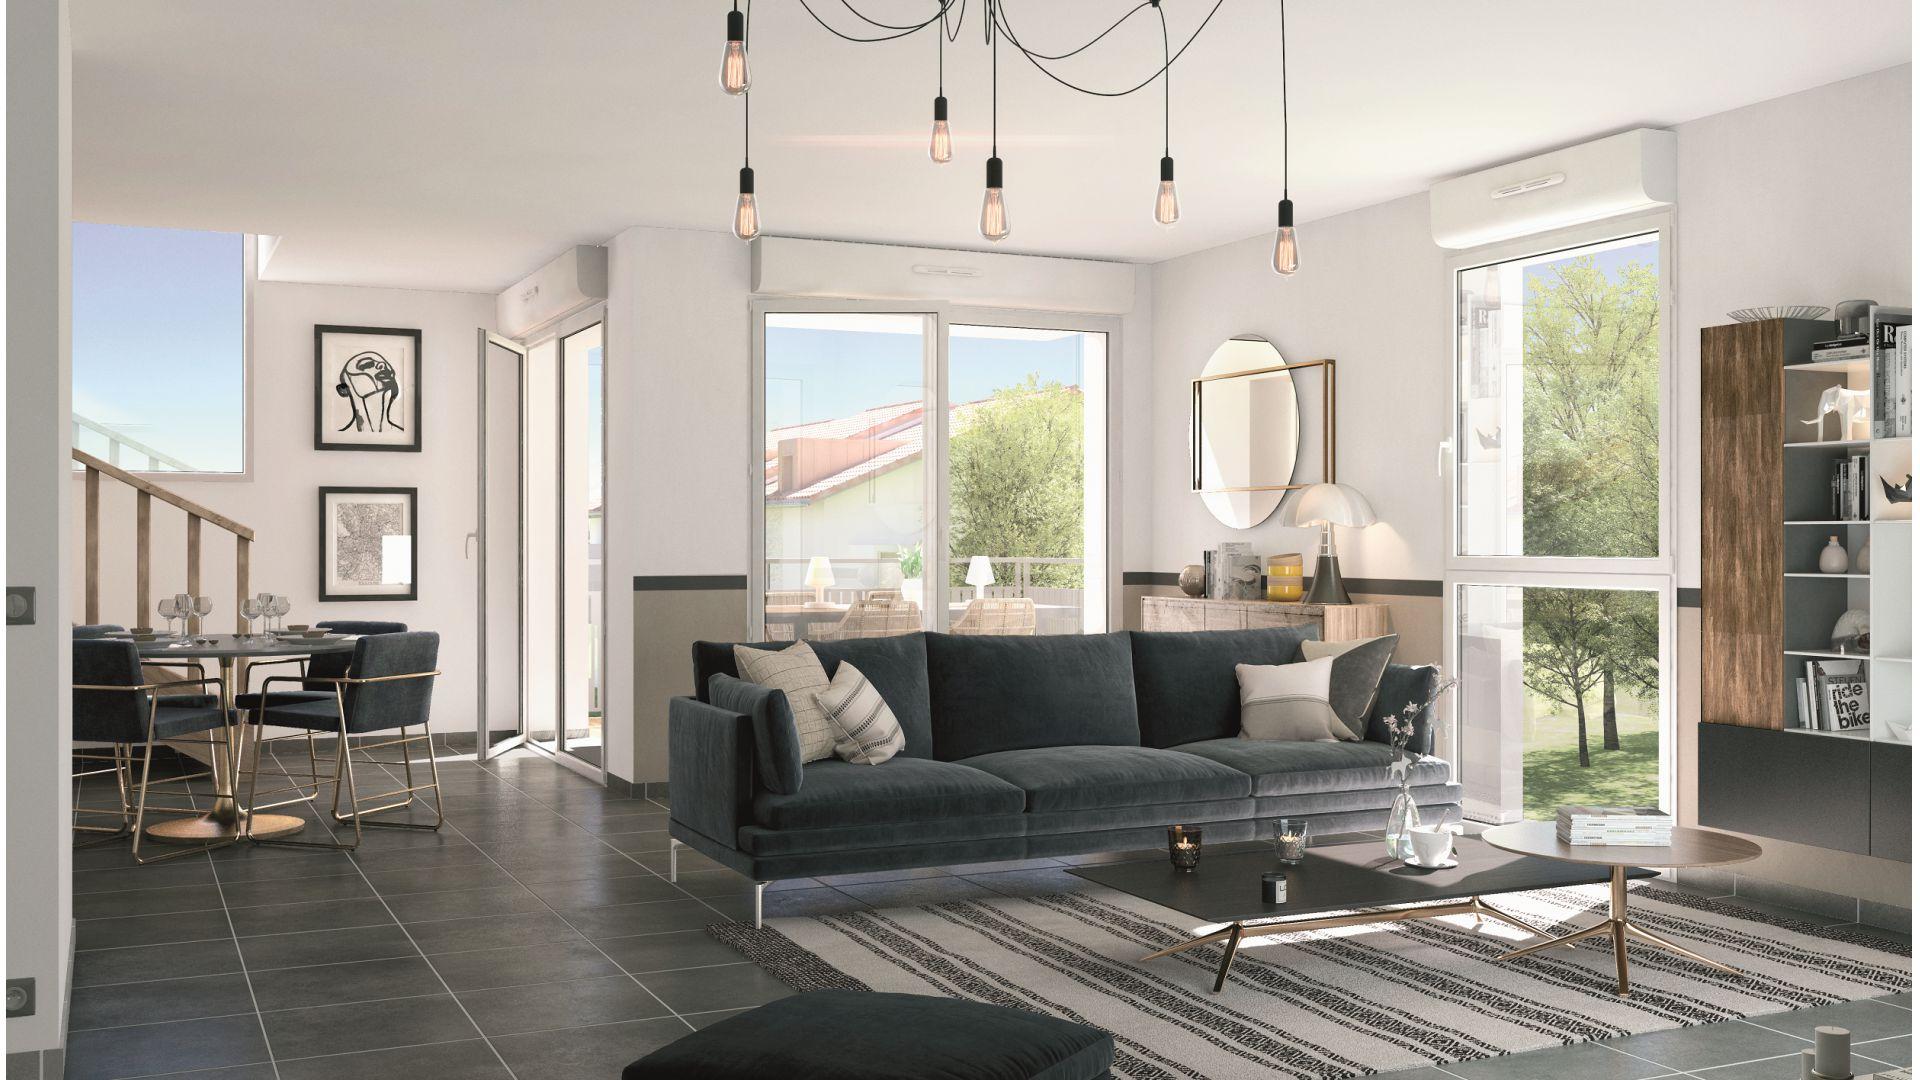 GreenCity immobilier - Résidence Cours Adrienne - 31100 Toulouse Saint-Simon - Appartements neufs du T2 au T3 duplex - vue intérieure